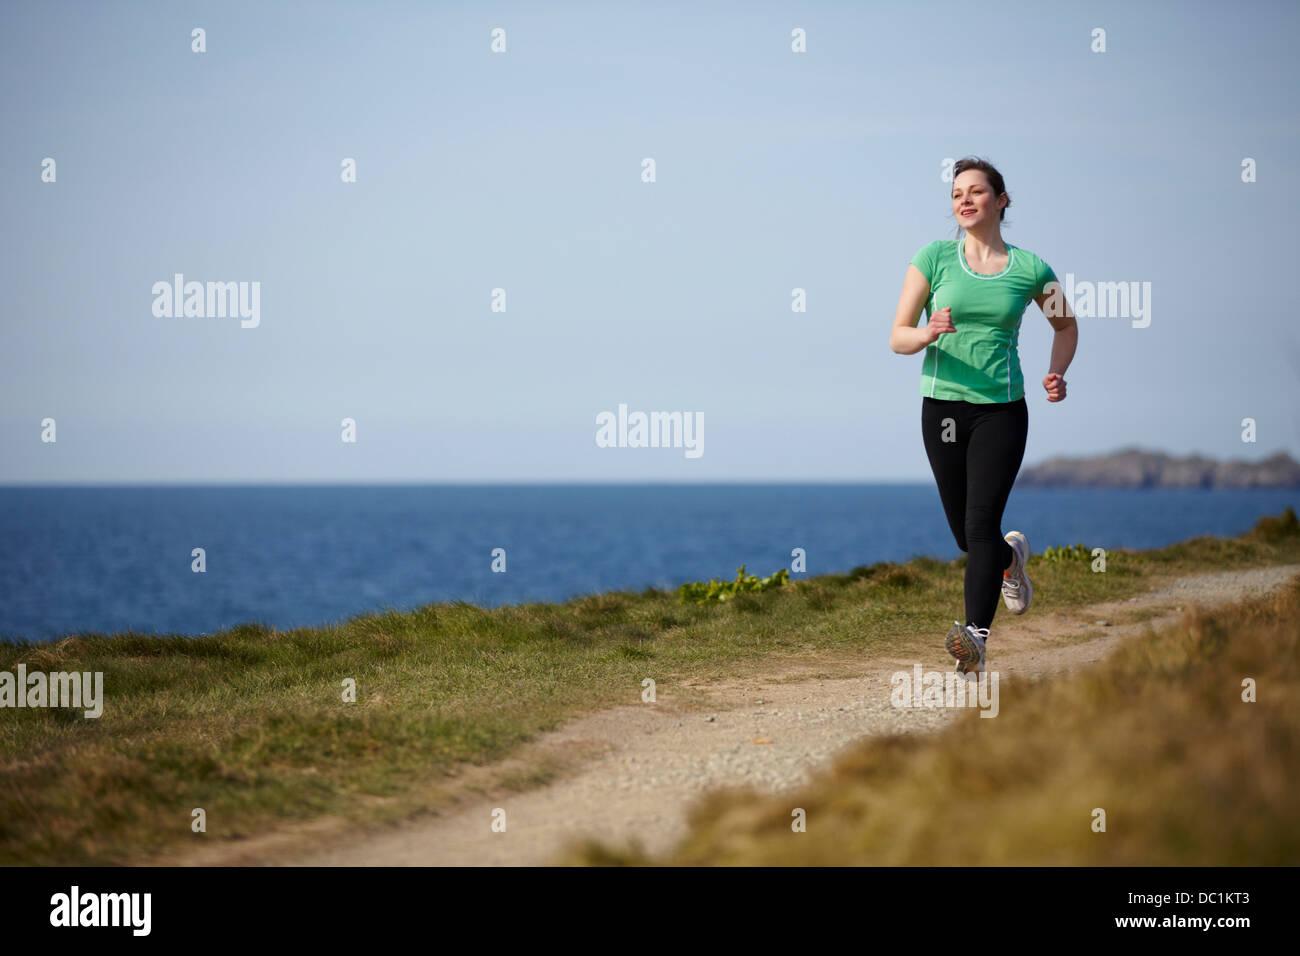 Young woman running along coastal path - Stock Image